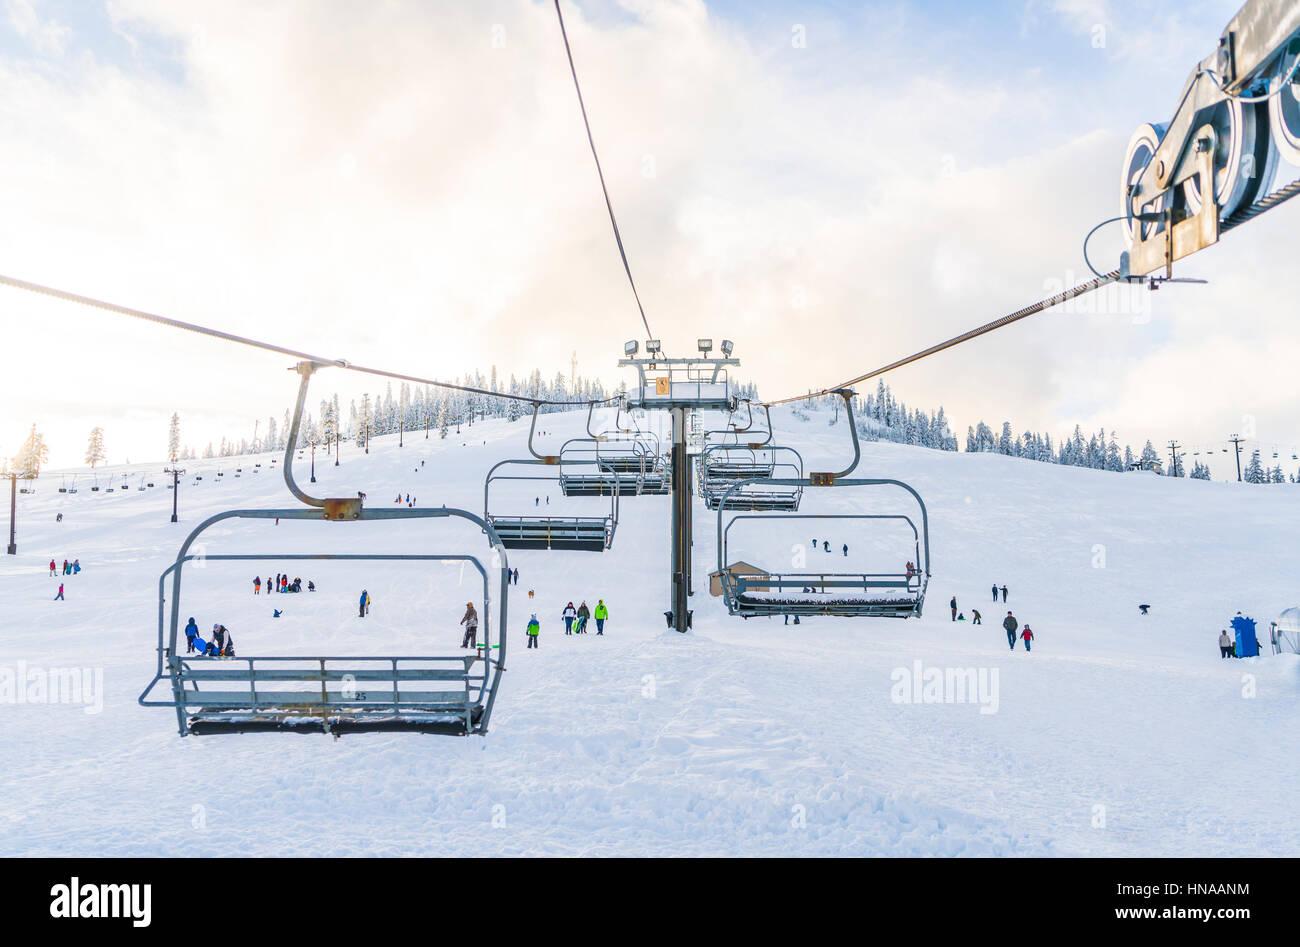 schöne Skilift über Schneeberg im Skigebiet mit blauem Himmelshintergrund. Stockfoto